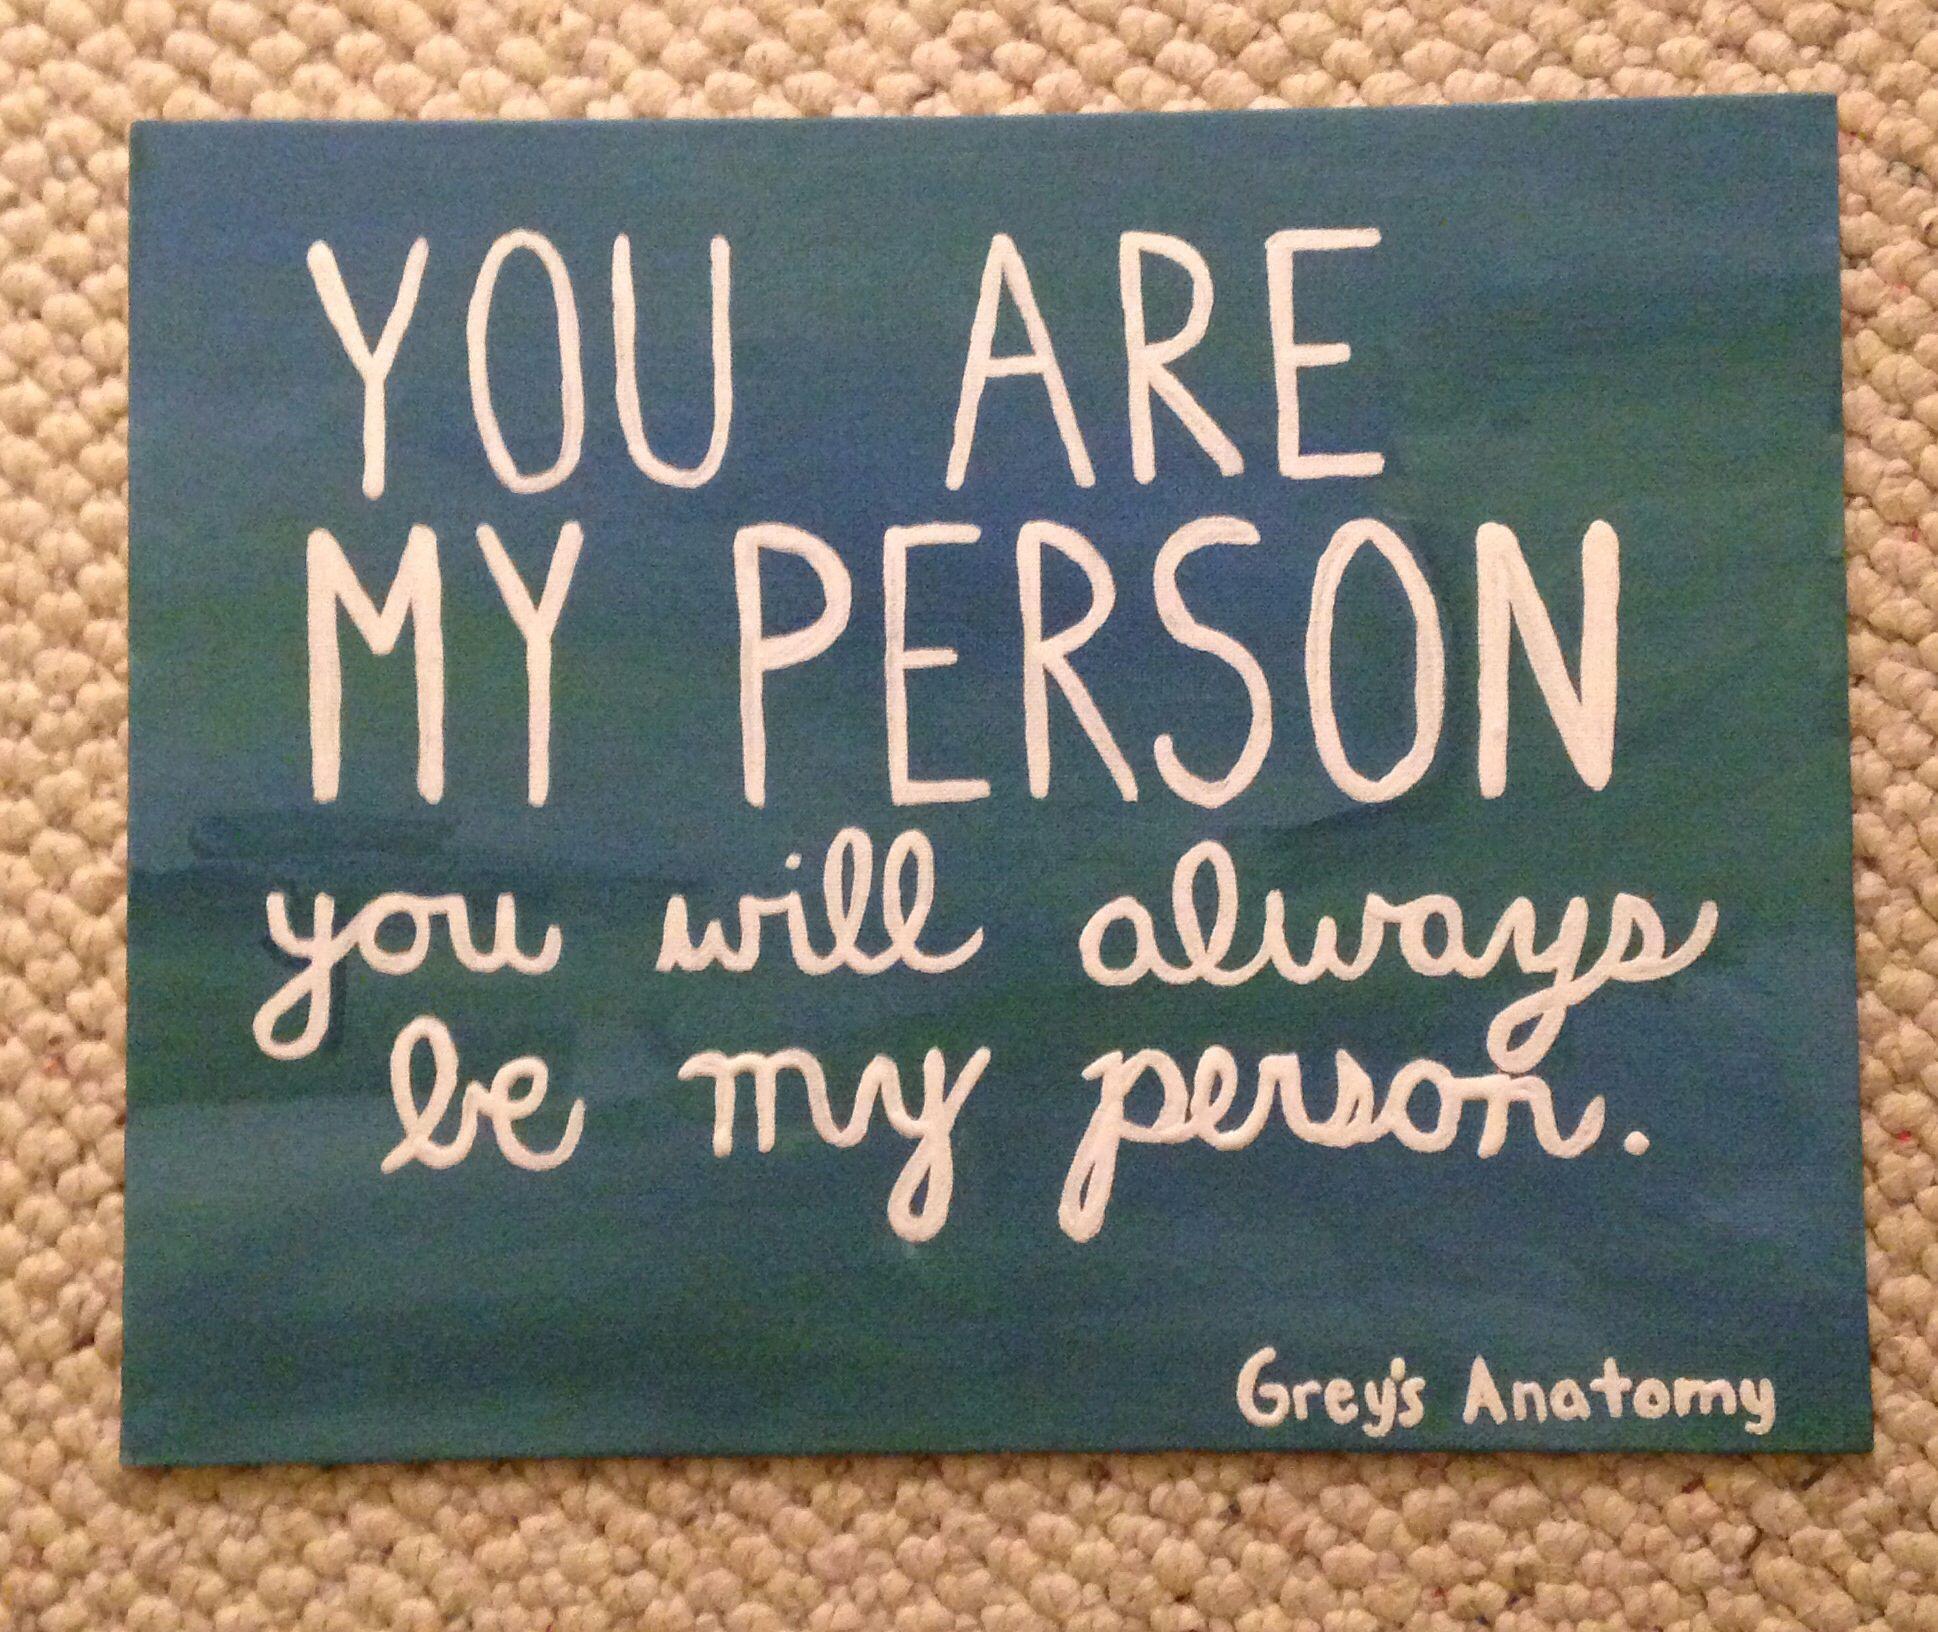 Best friend scrapbook ideas - Best Friend Grey S Anatomy Quote